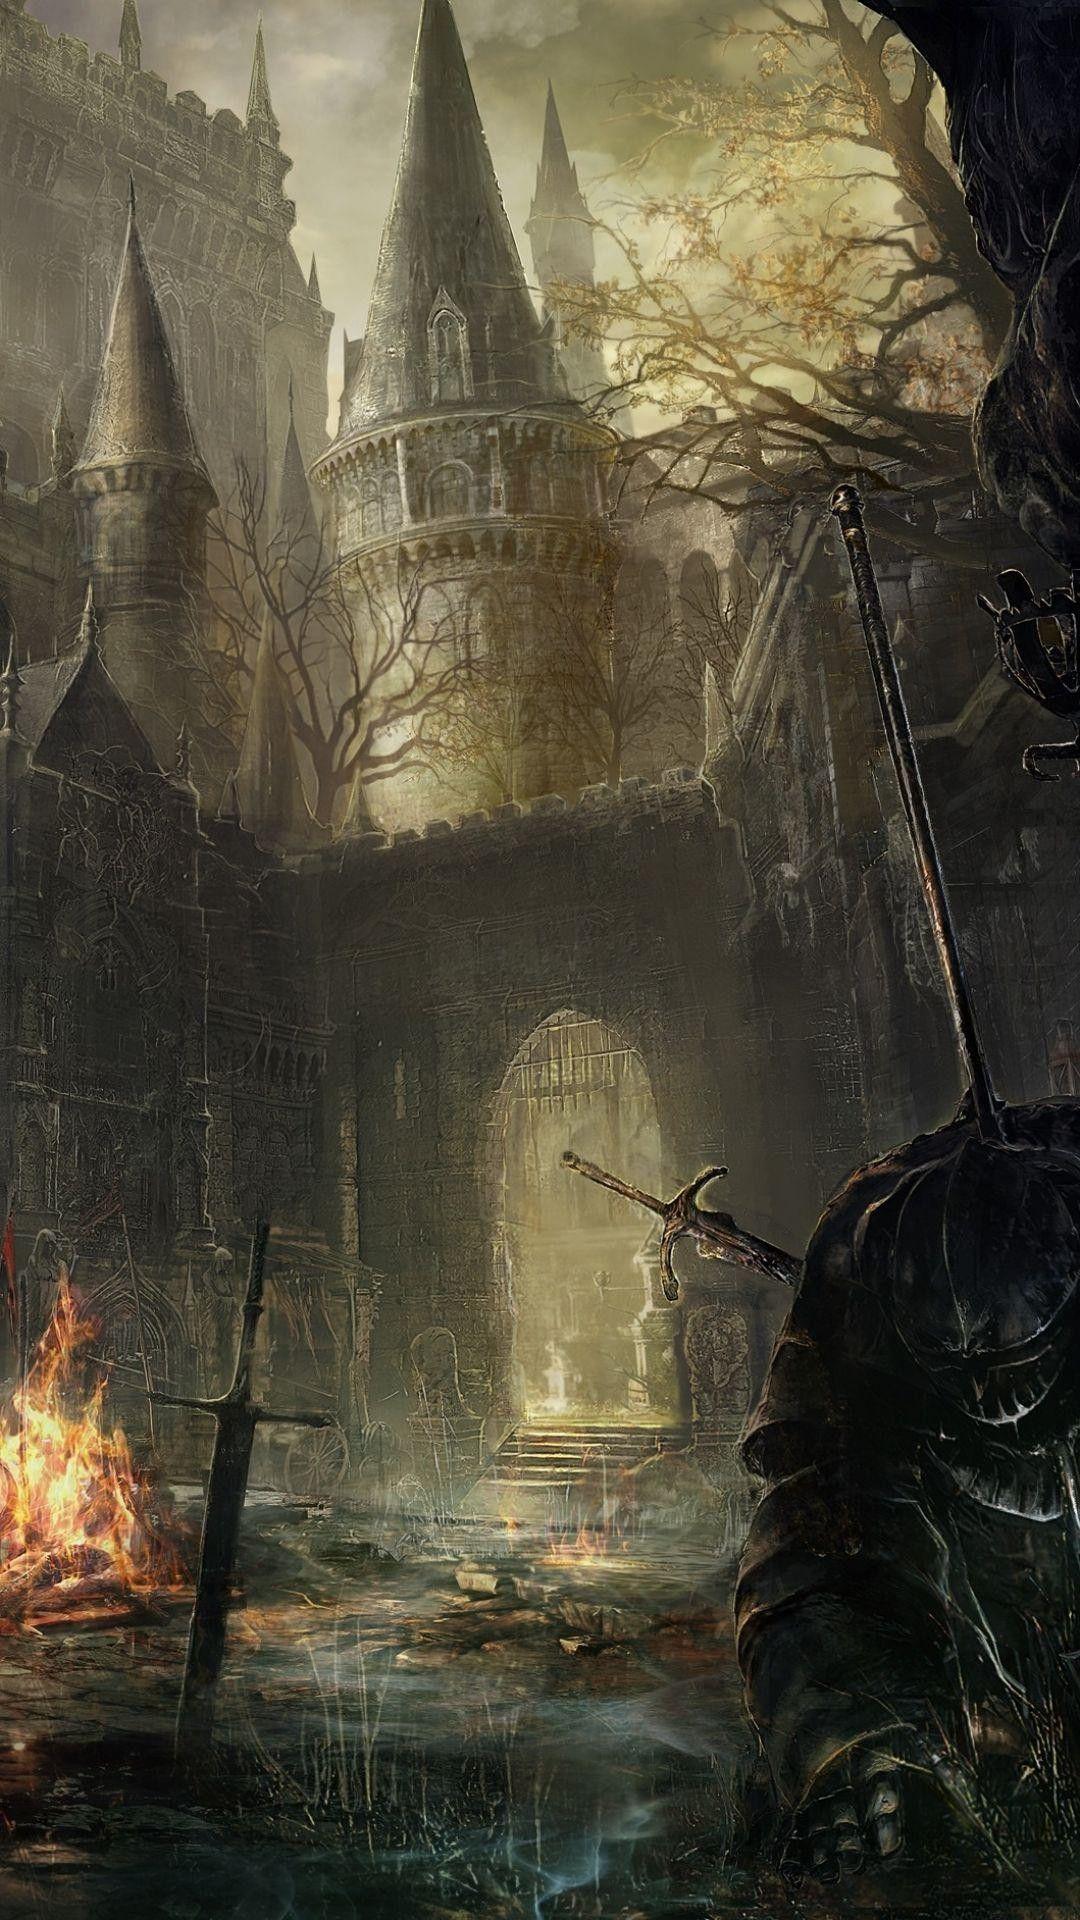 Dark Souls Phone Wallpapers Top Free Dark Souls Phone